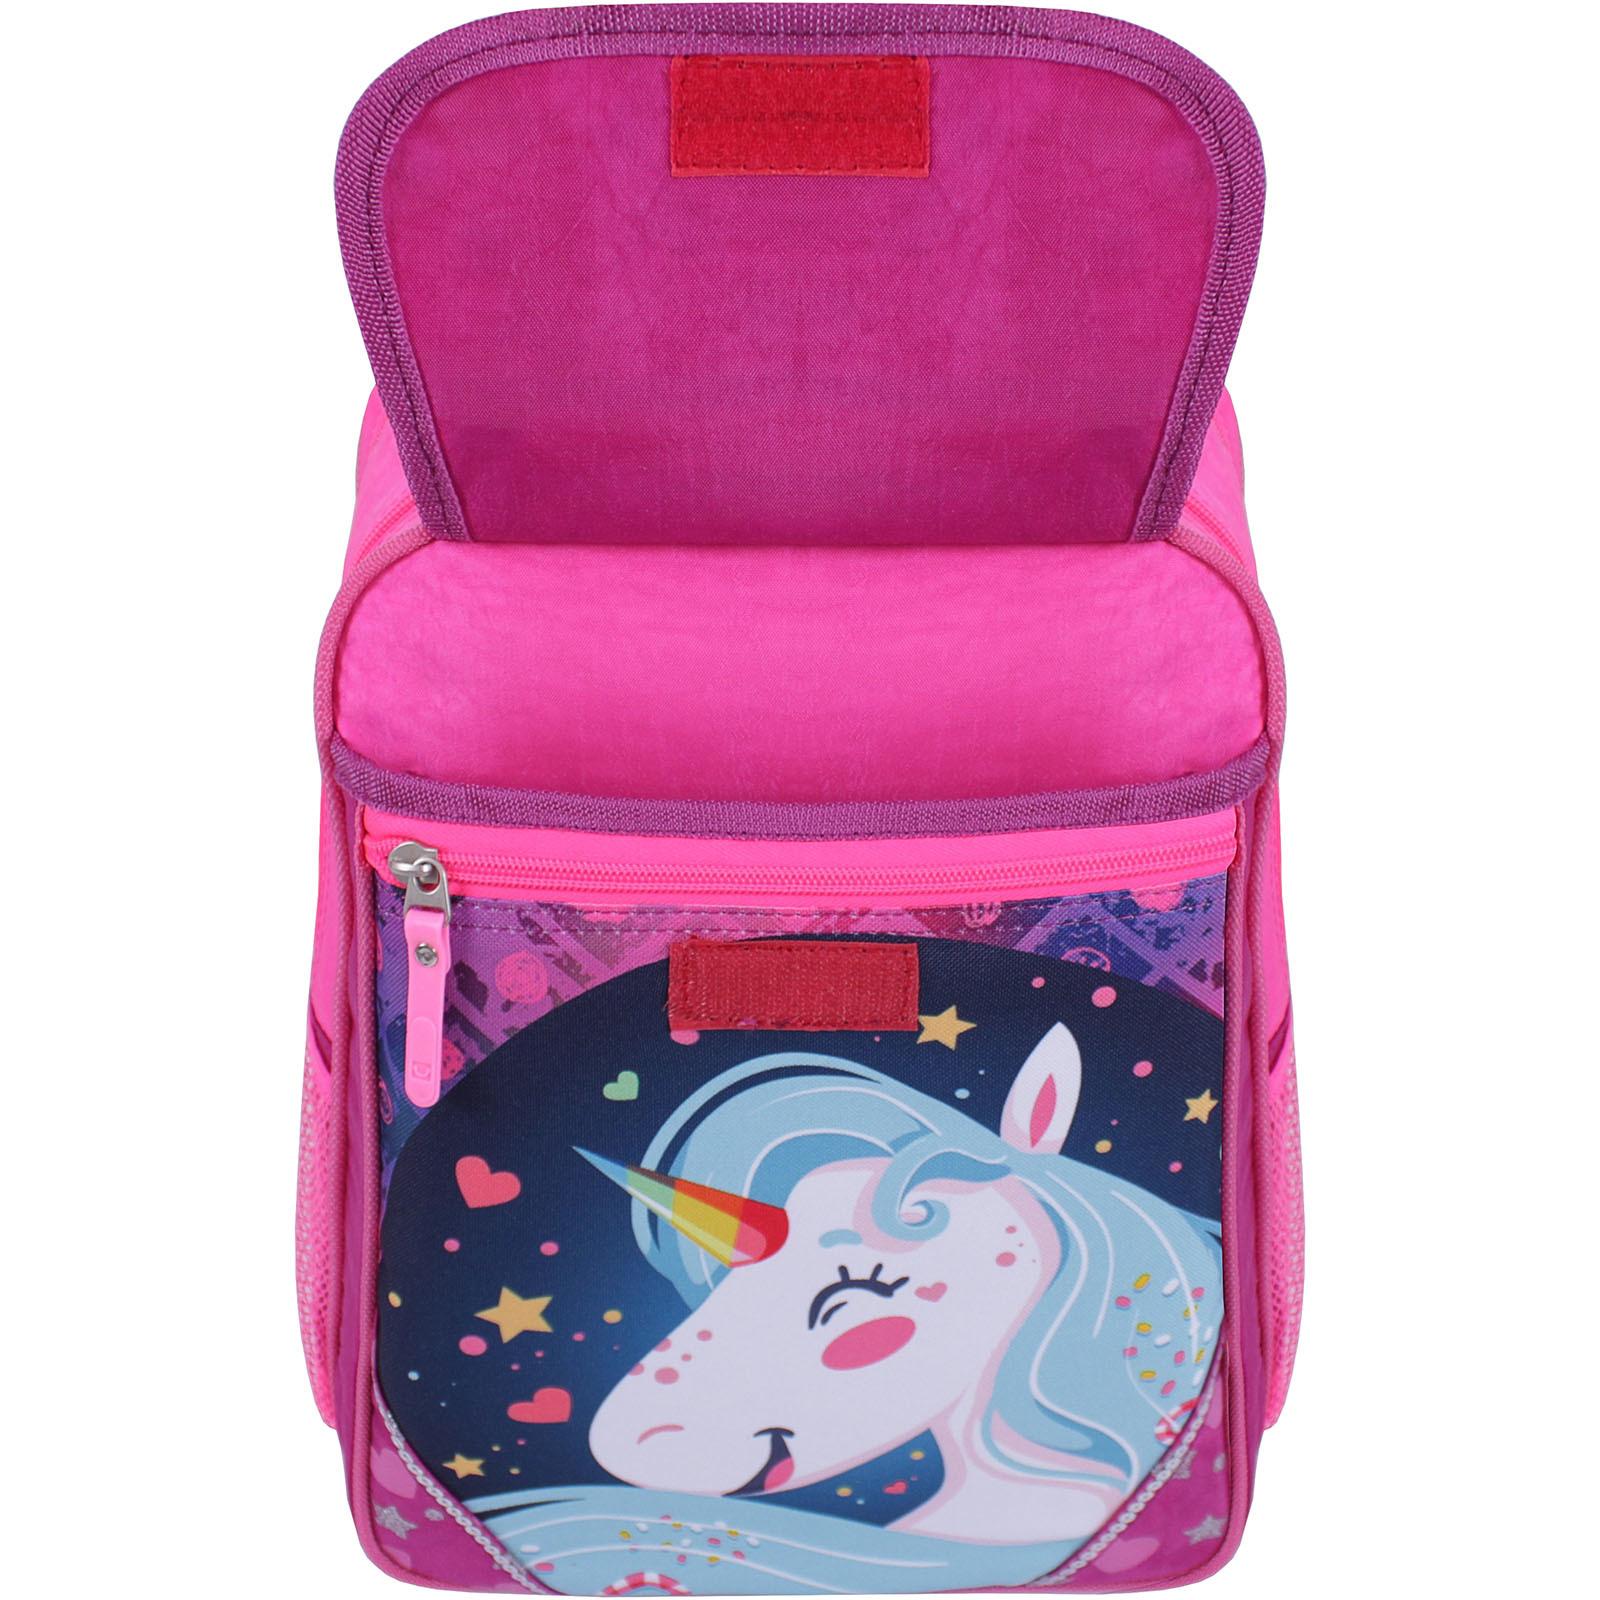 Рюкзак школьный Bagland Отличник 20 л. 143 малина 504 (0058070) фото 4